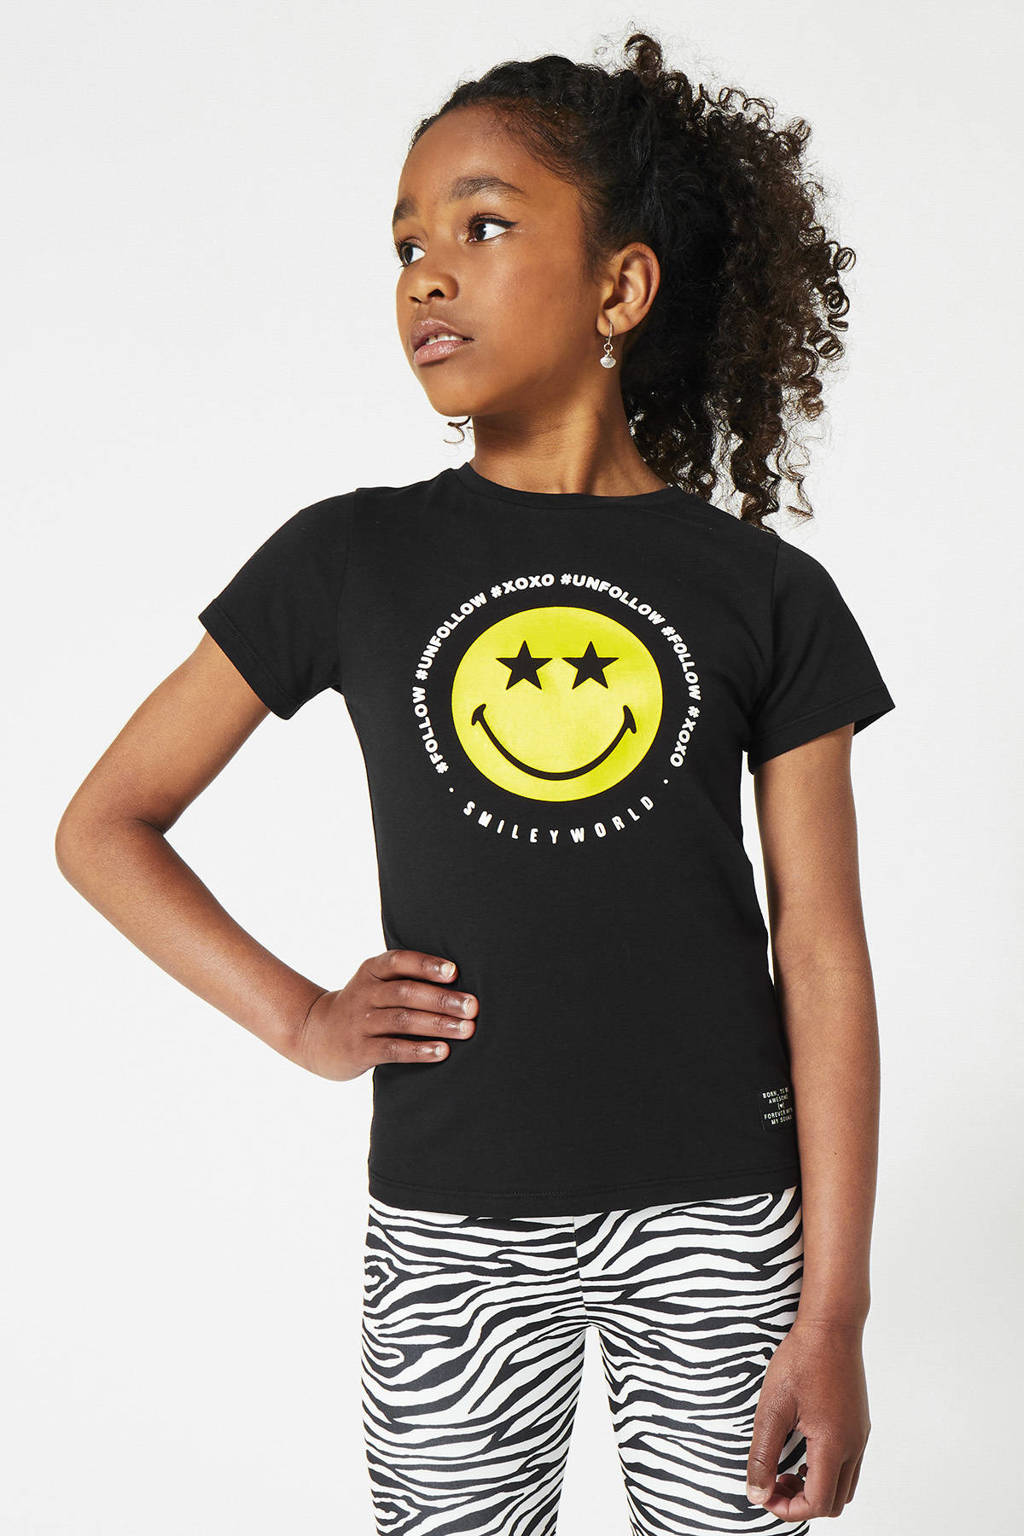 CoolCat Junior T-shirt Evelin coolcat x smiley world zwart/geel, Zwart/geel